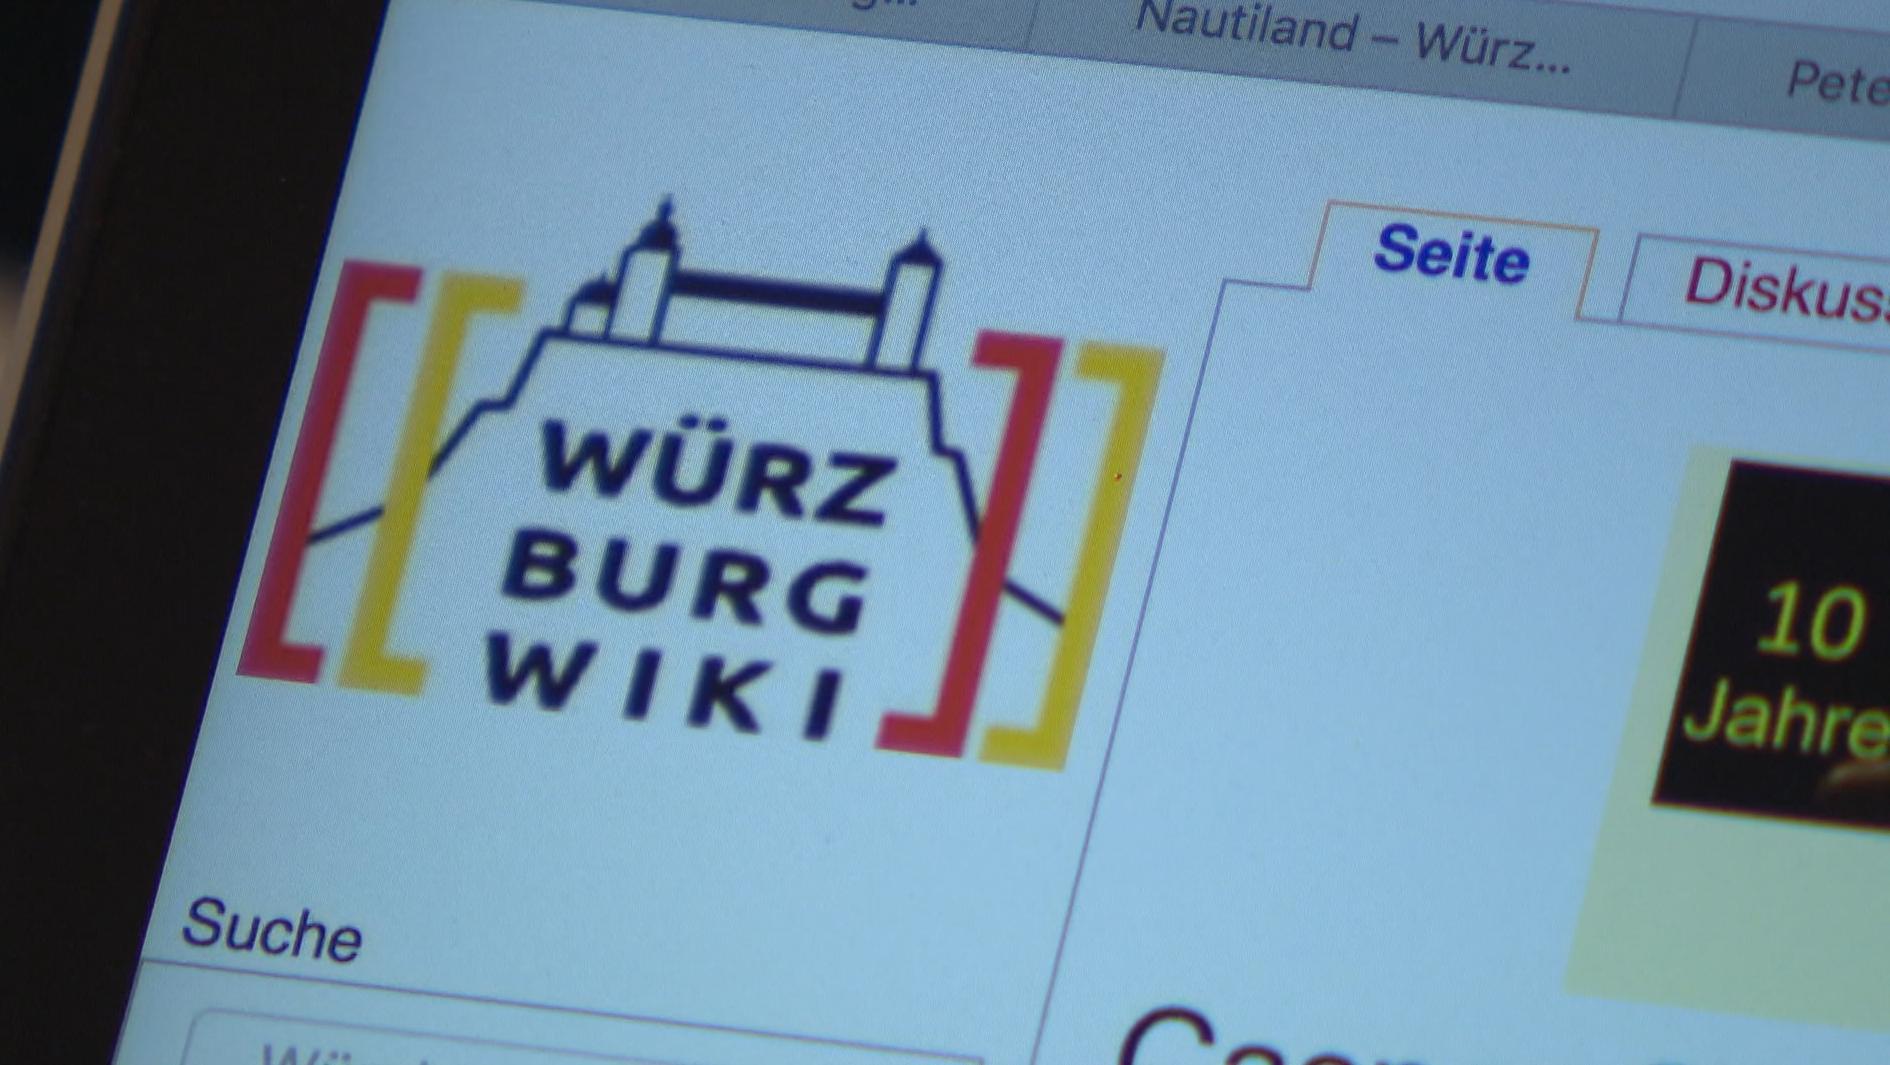 WürzburgWiki